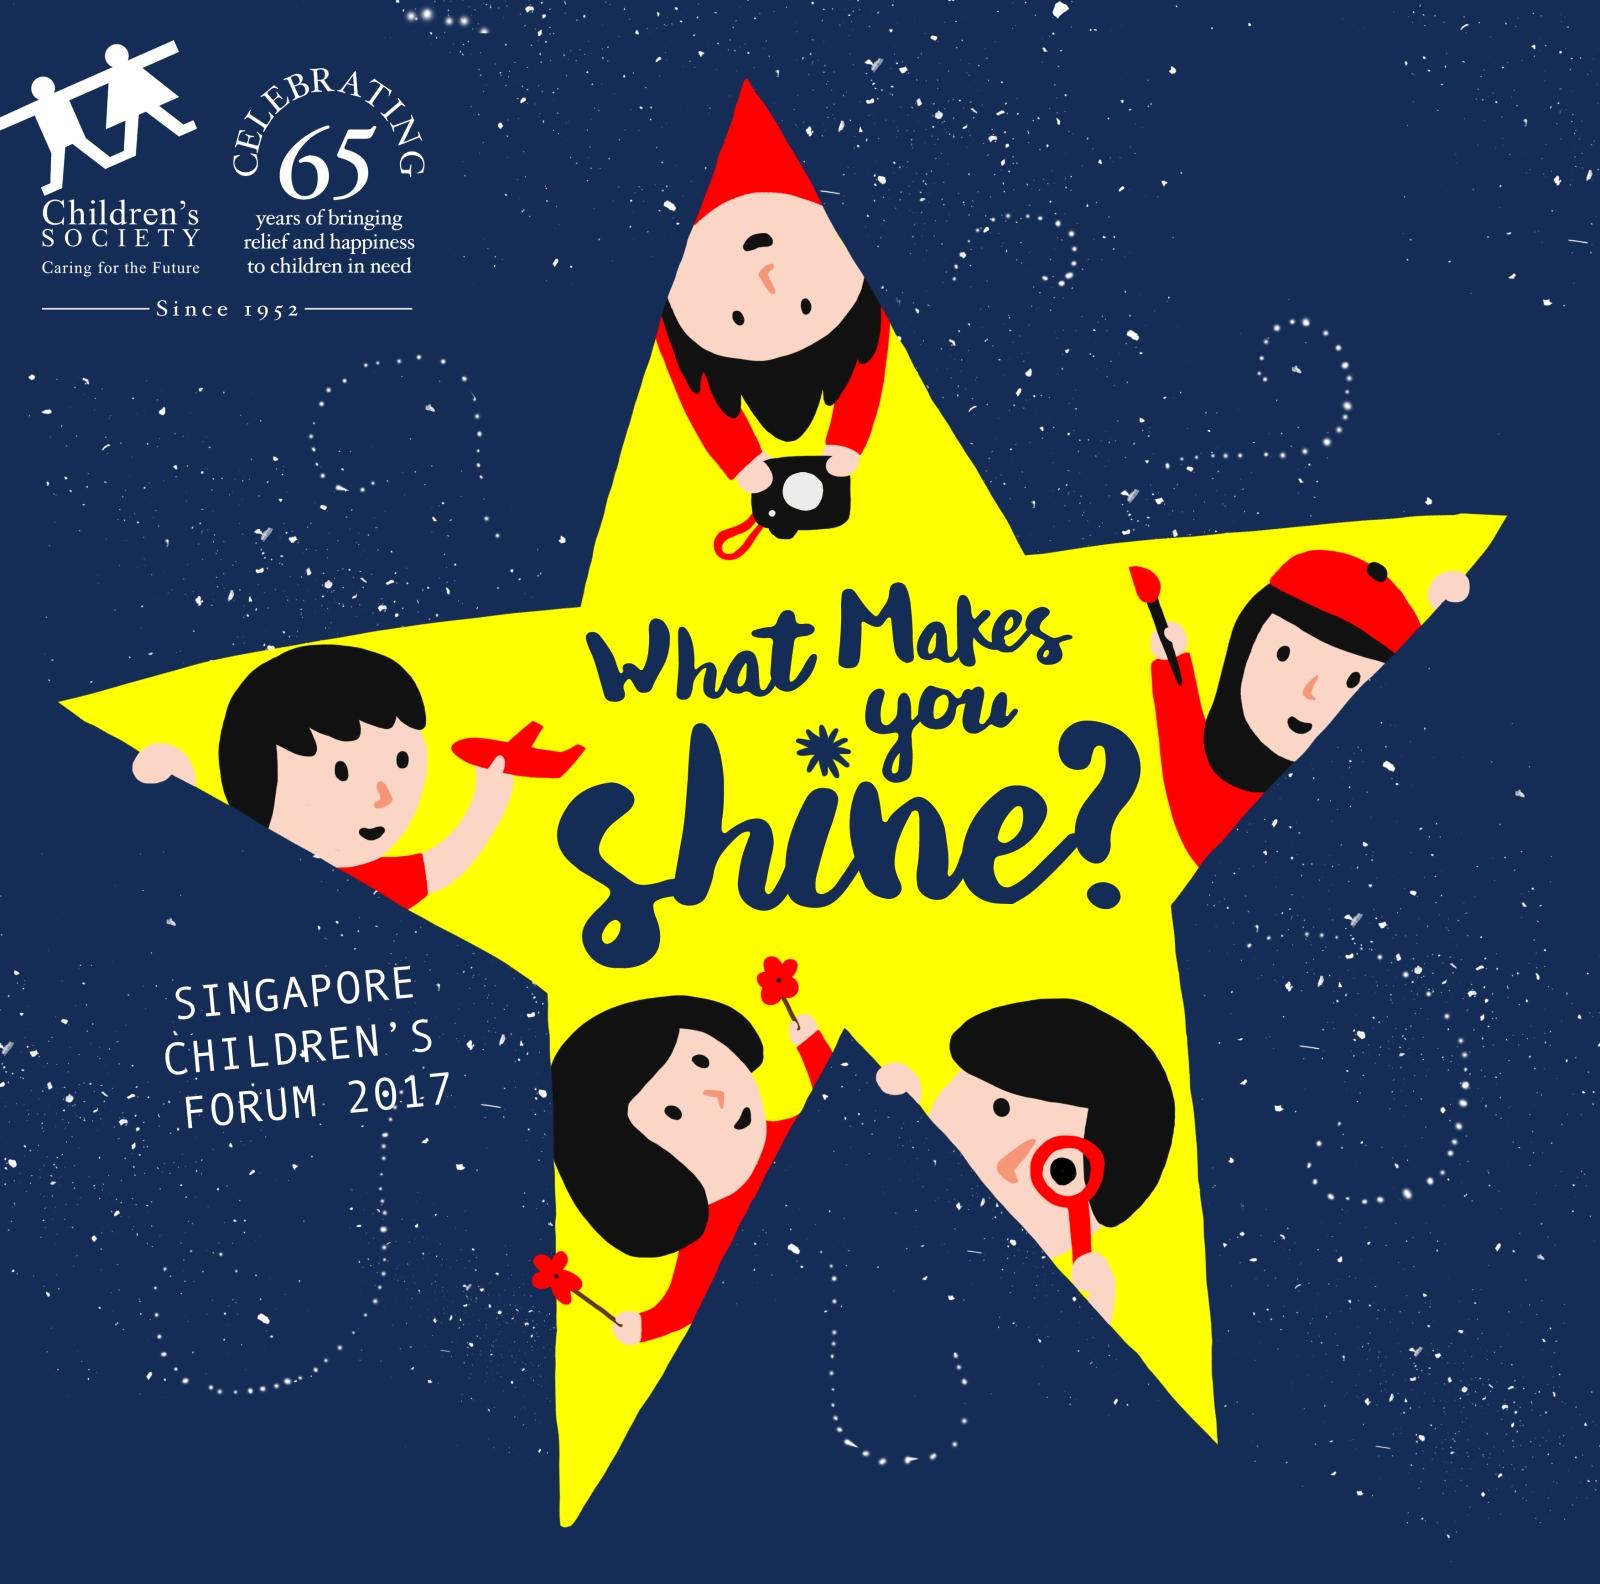 Singapore Children's Forum 2017